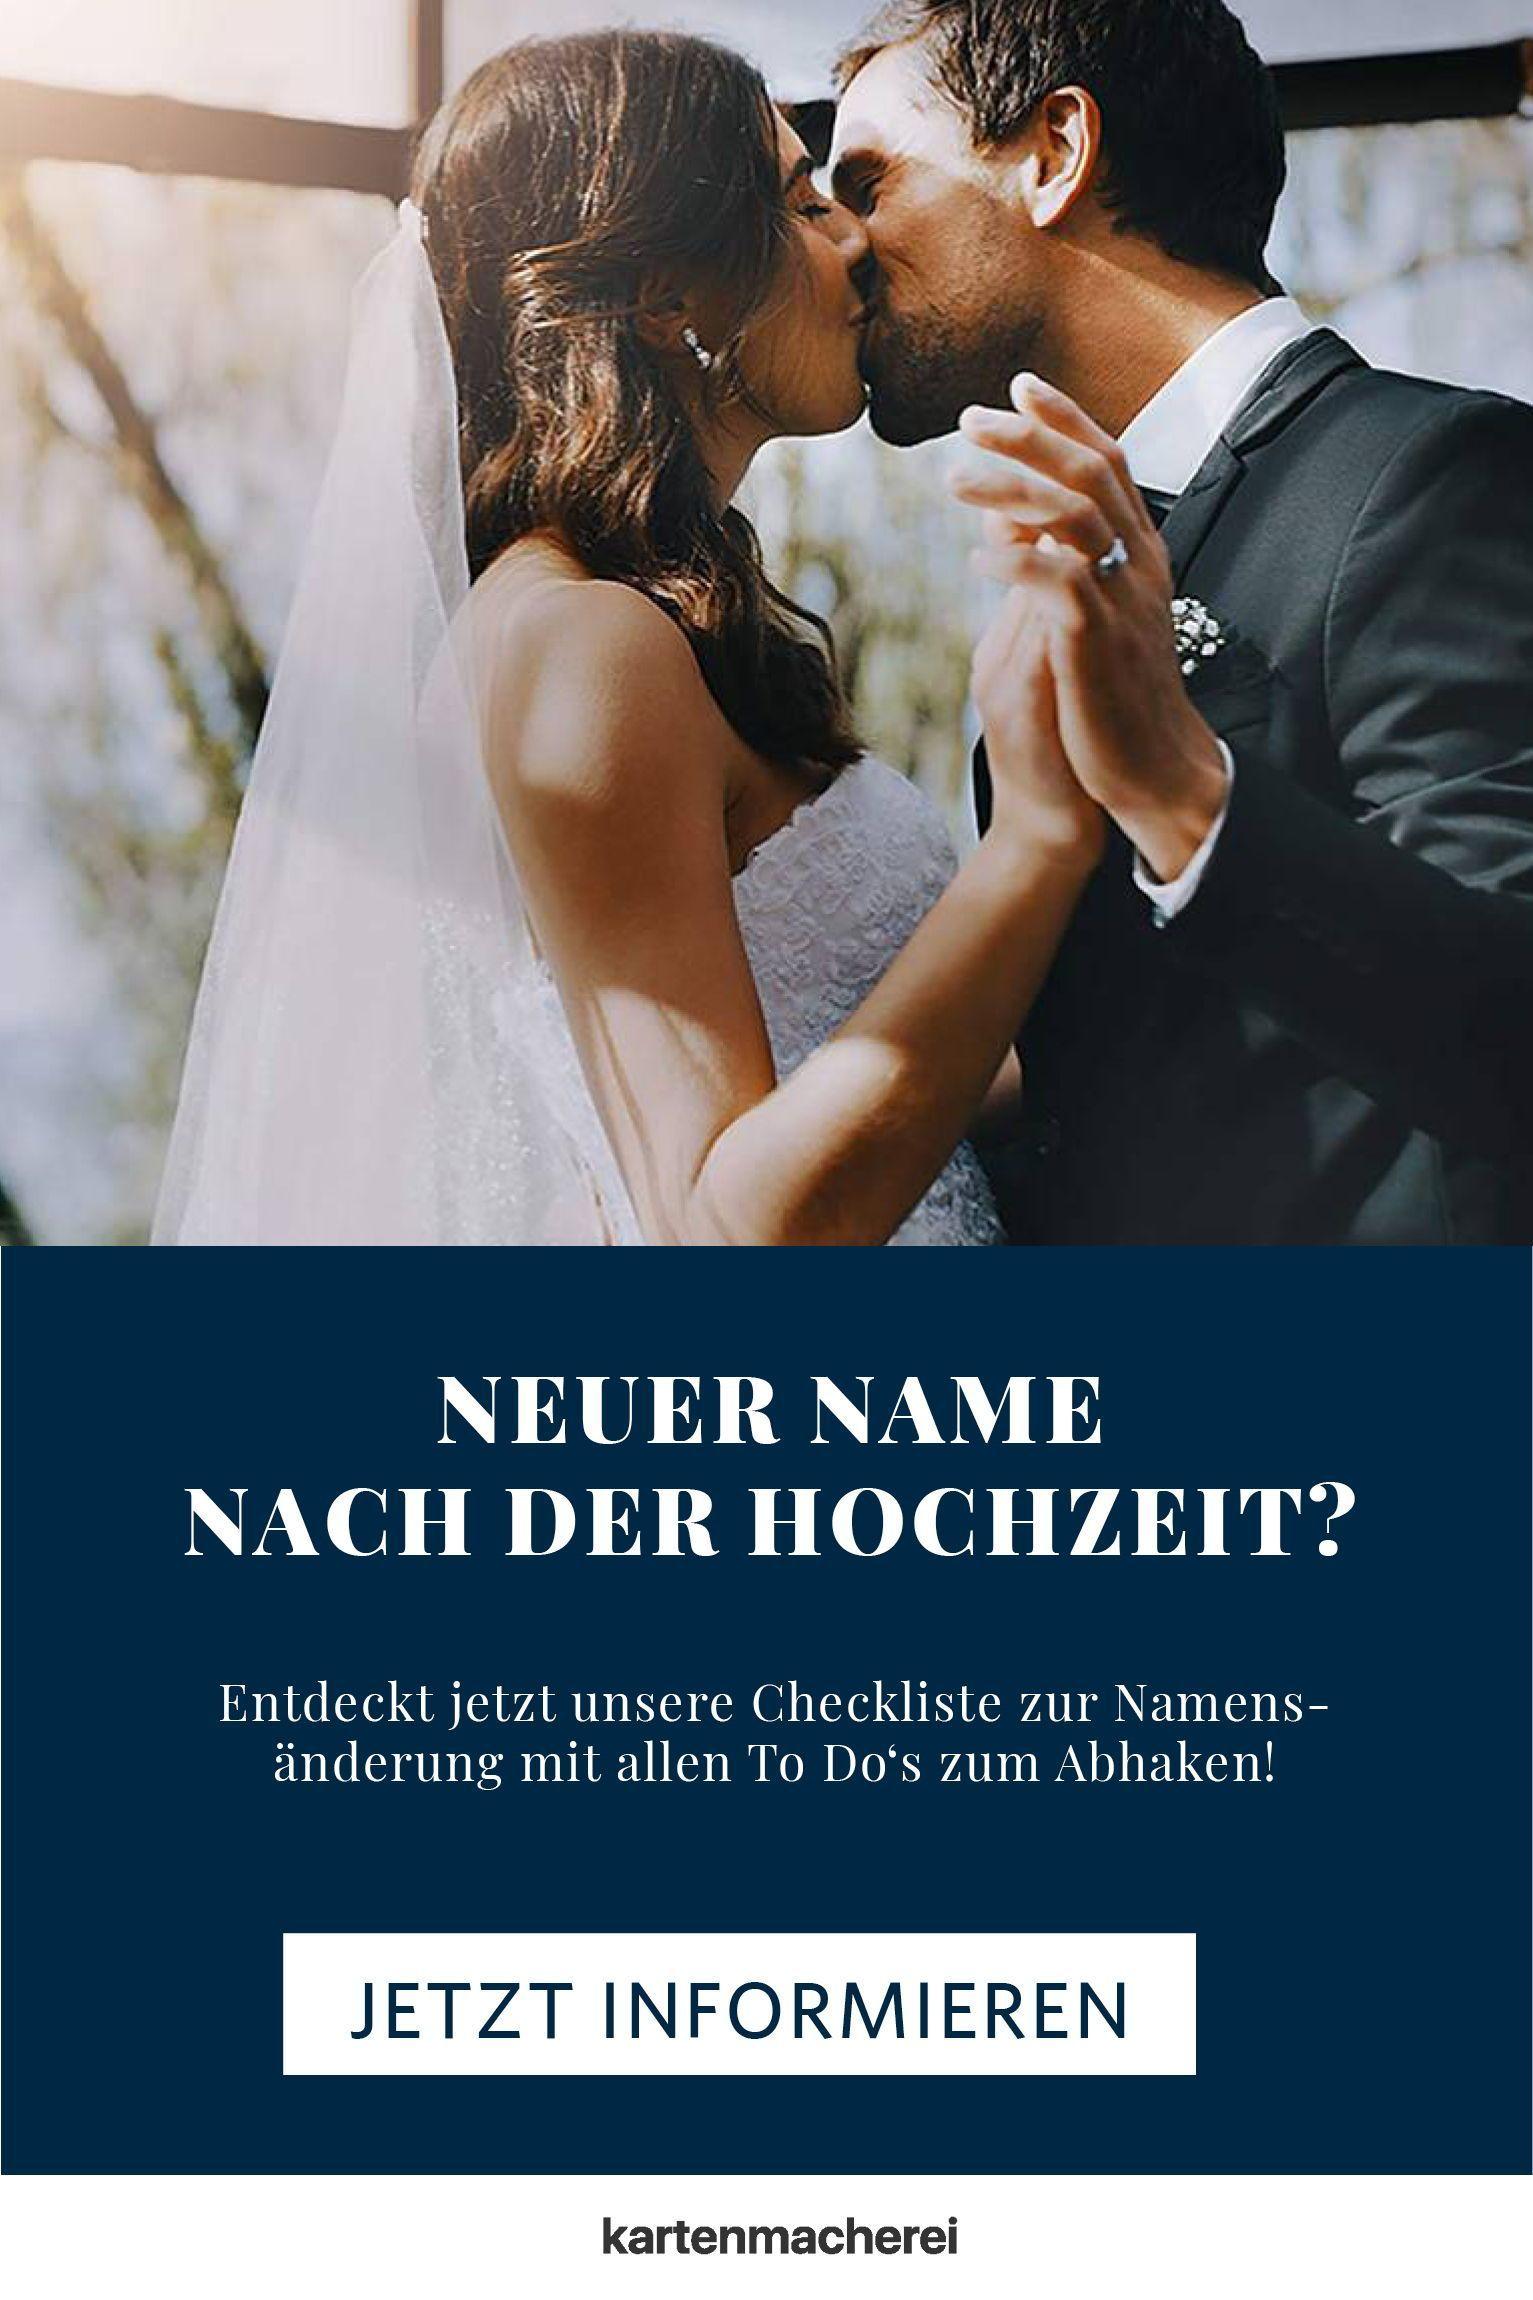 Checkliste Zur Namensanderung Namensanderung Herzlichen Gluckwunsch Zur Hochzeit Hochzeitskosten